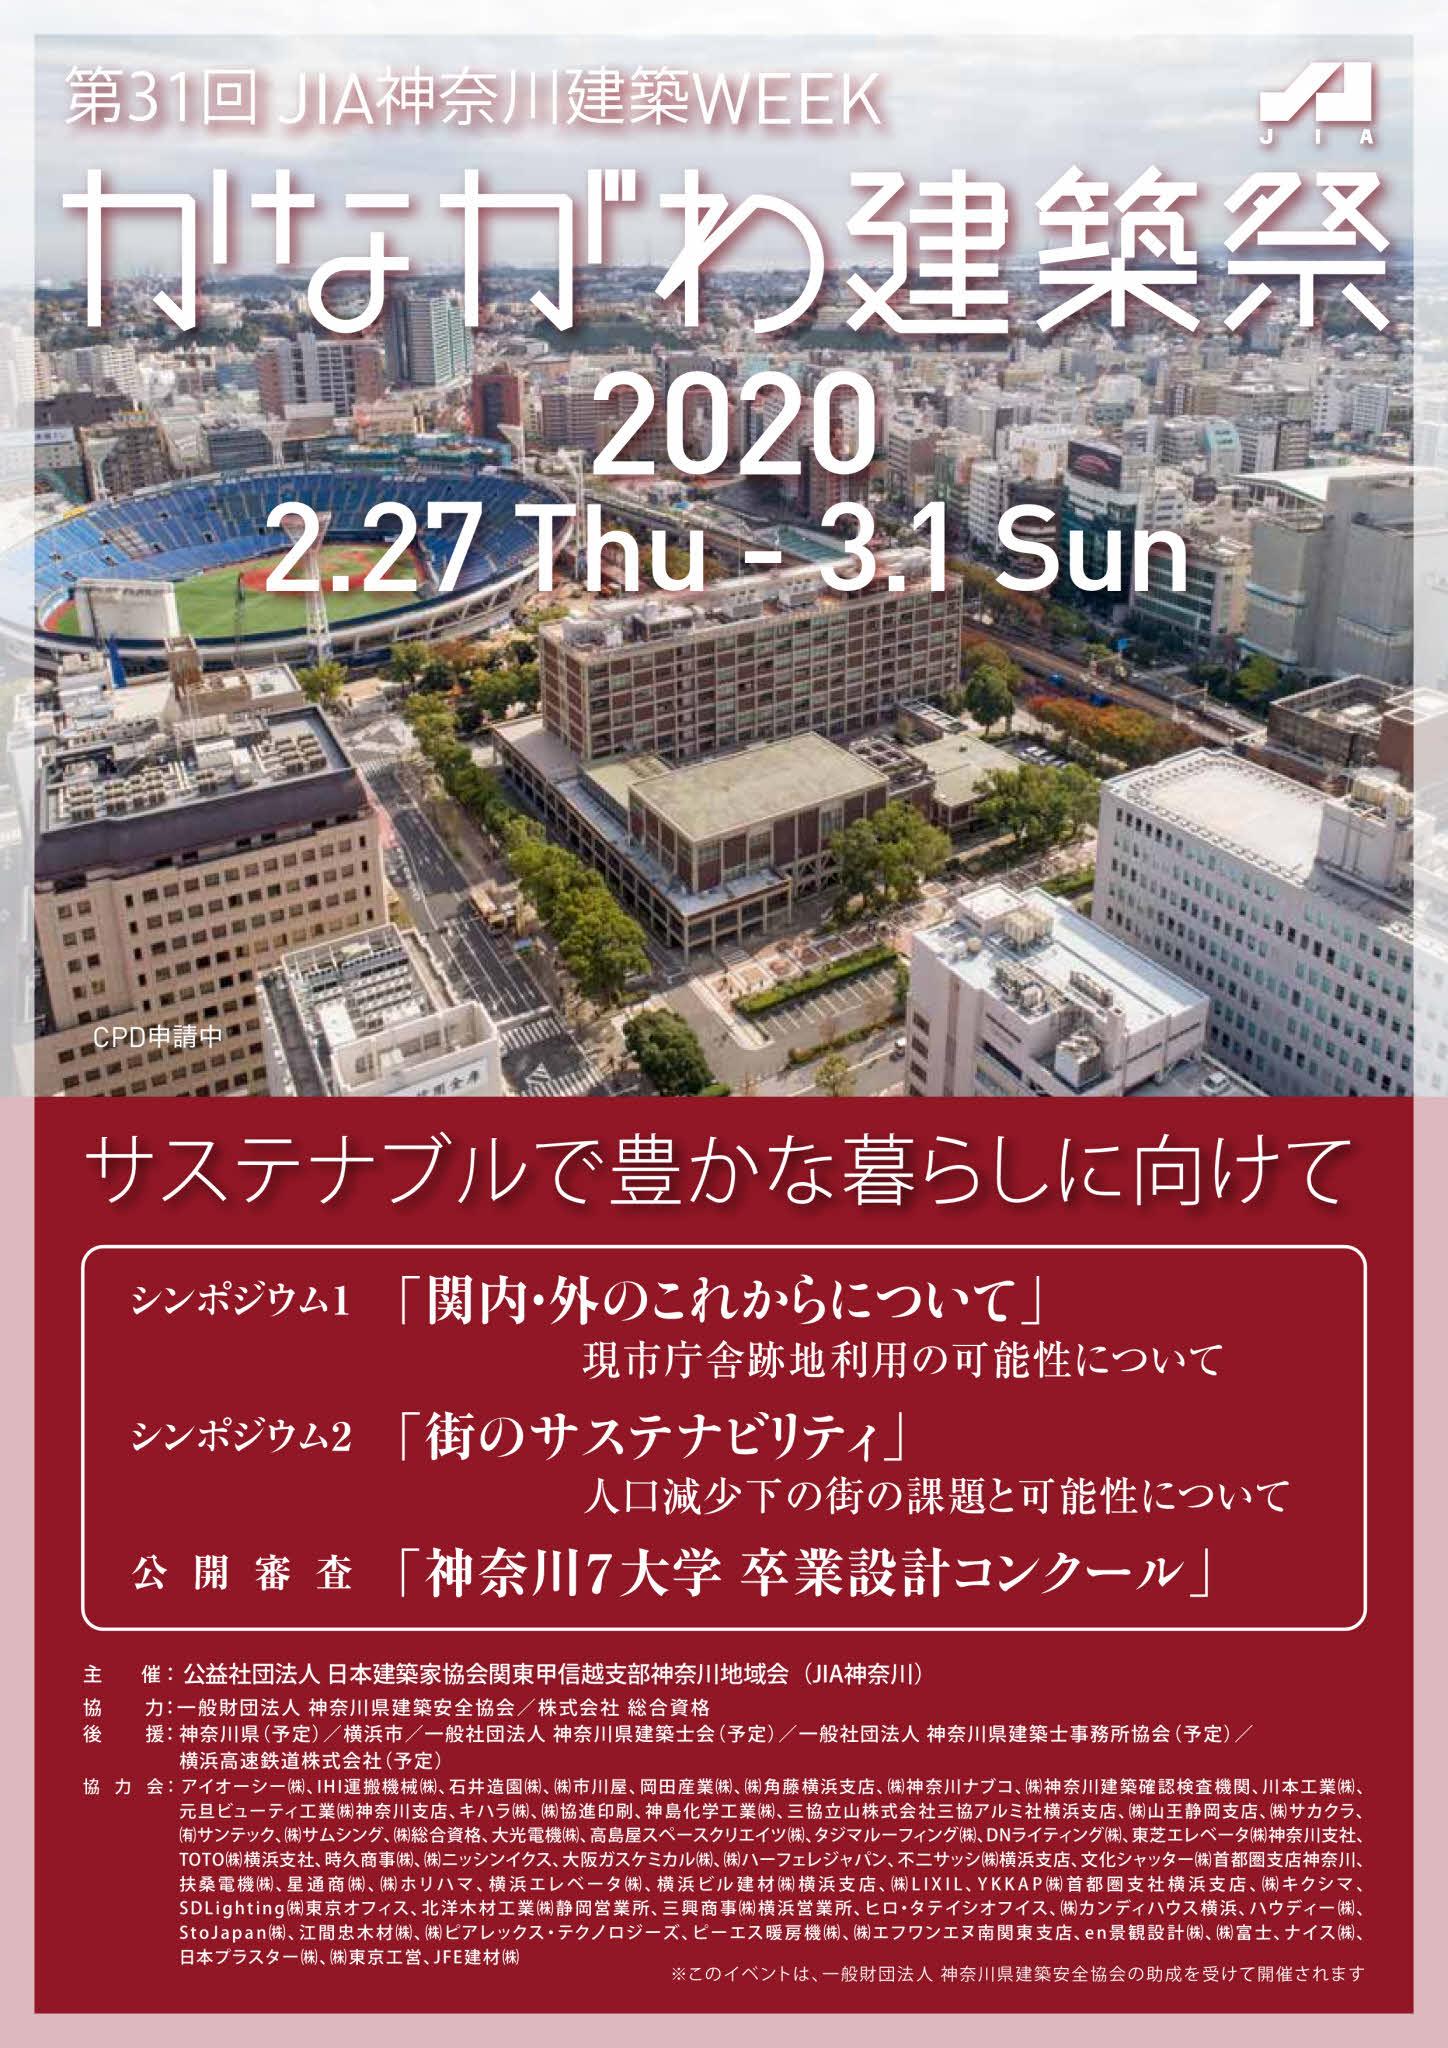 [開催延期のおしらせ]  第31回JIA神奈川建築WEEK かながわ建築祭2020「サステナブルで豊かな暮らしに向けて」